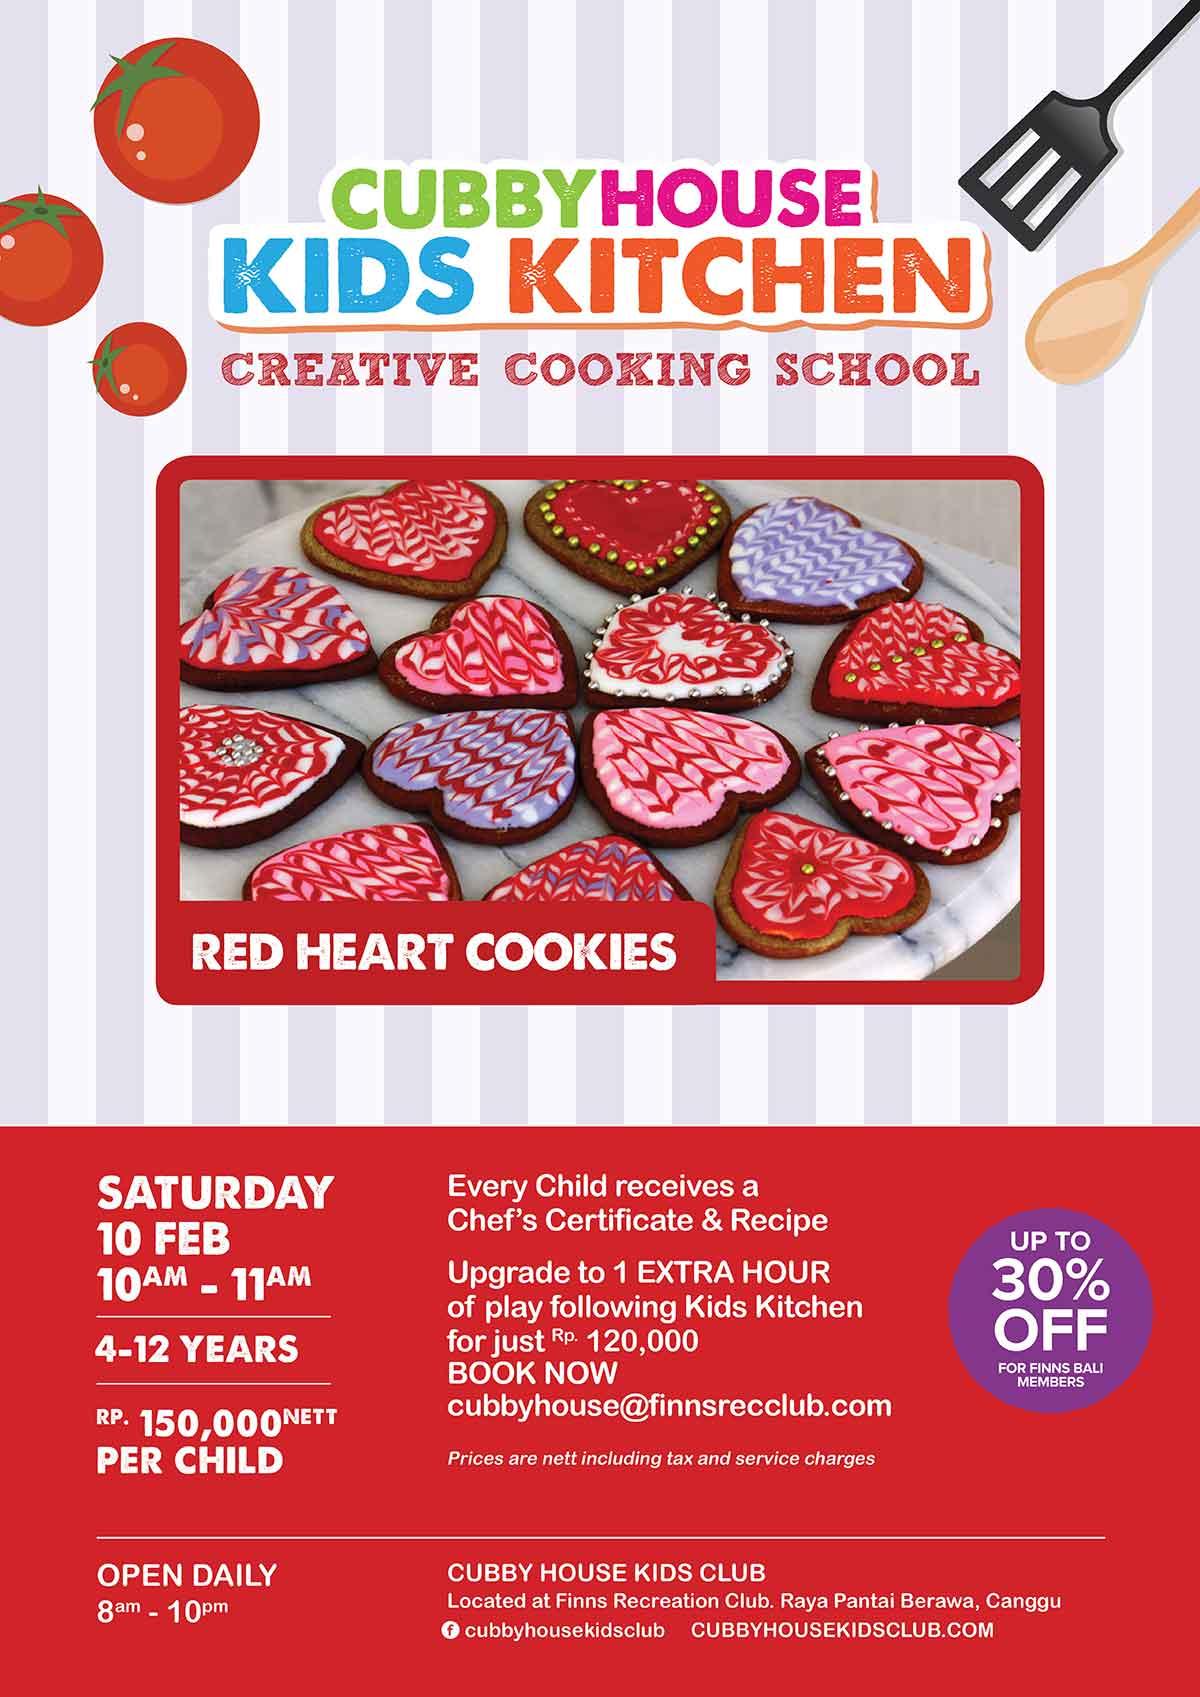 20180109-kids-kitchen-02